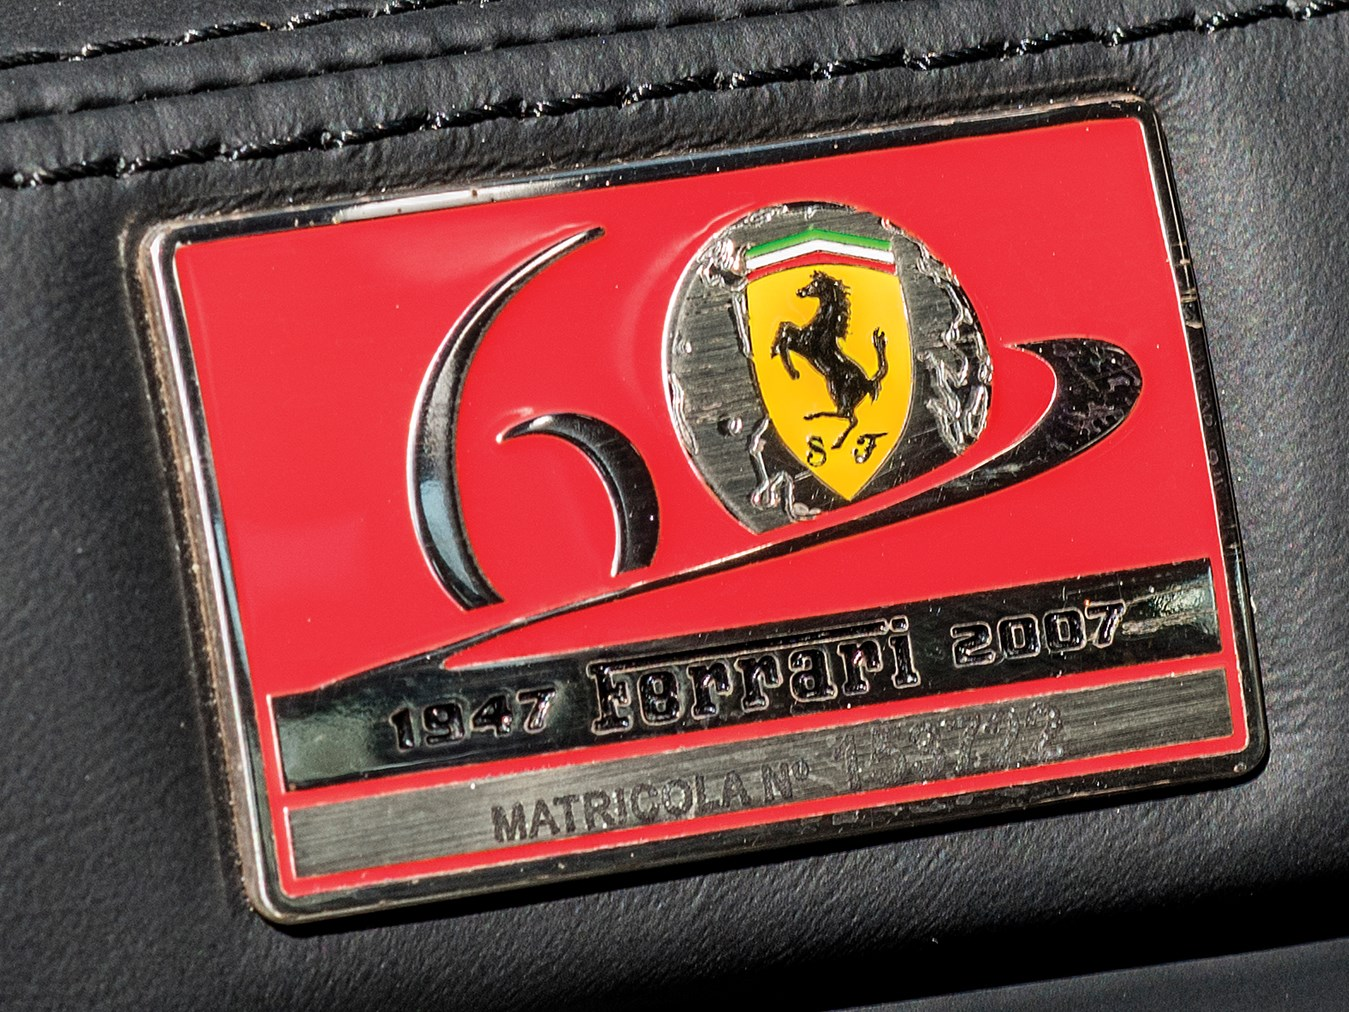 2007 Ferrari 599 GTB HGTE